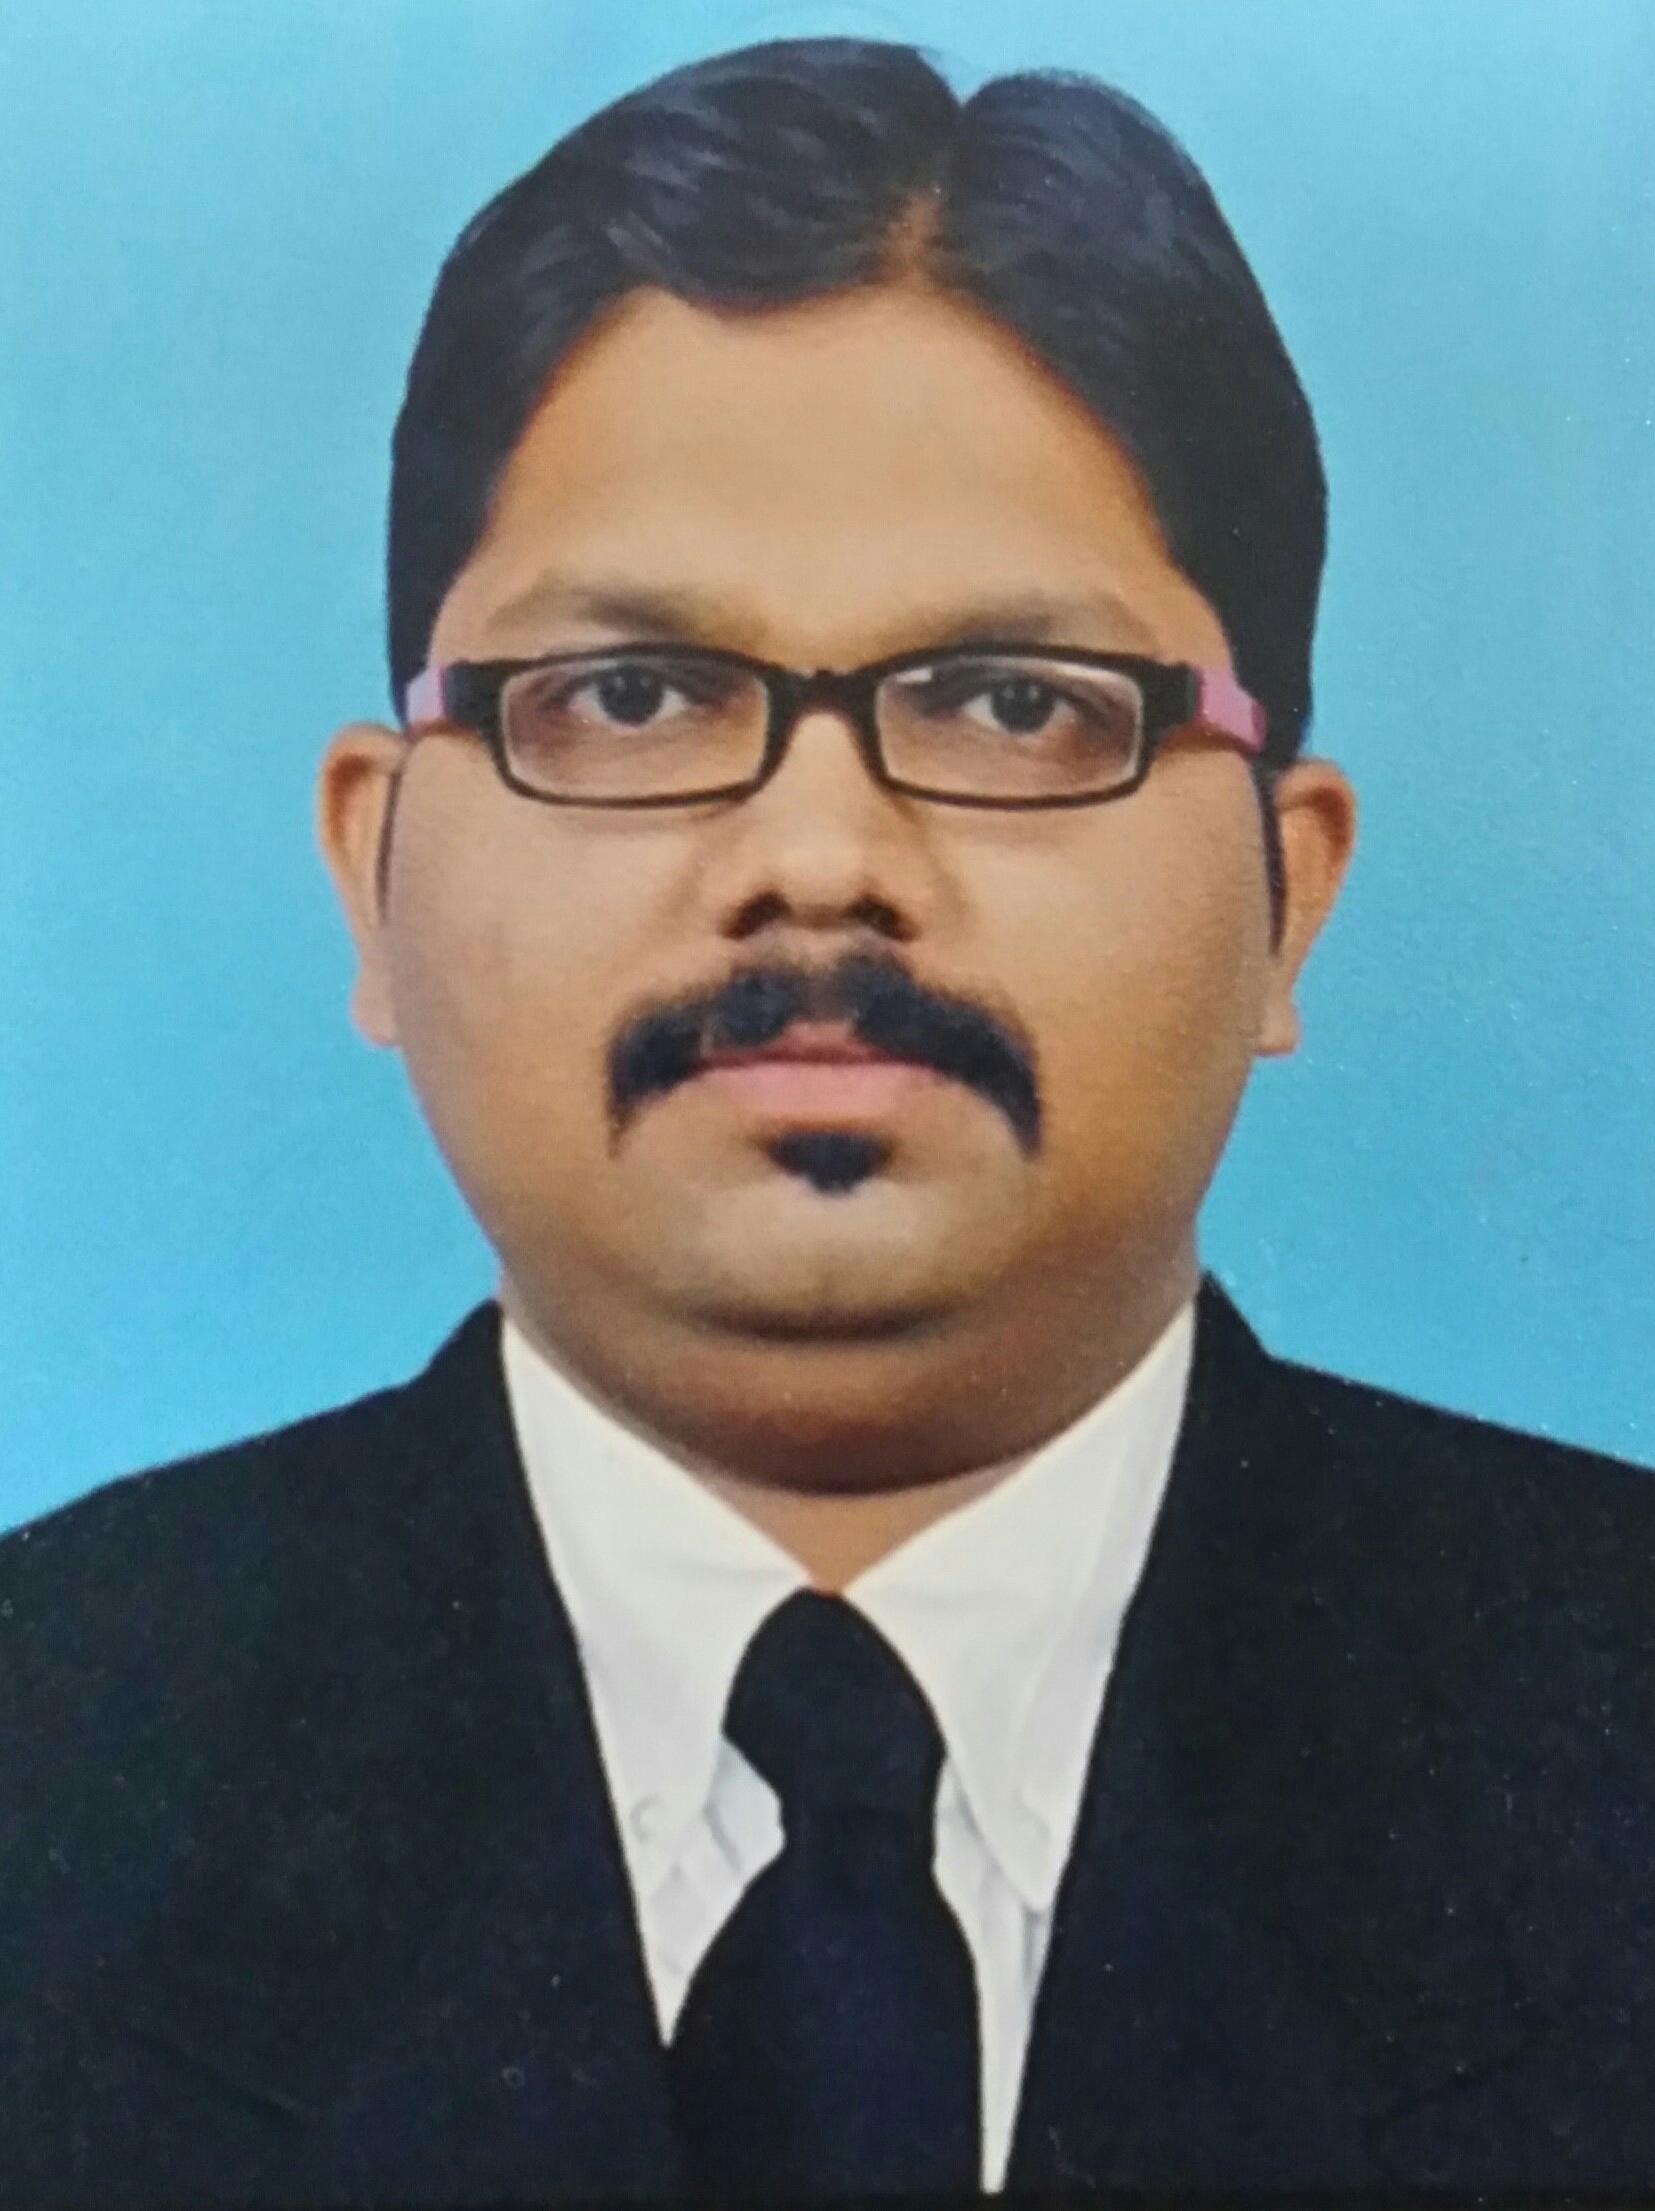 Aniket Nagpure